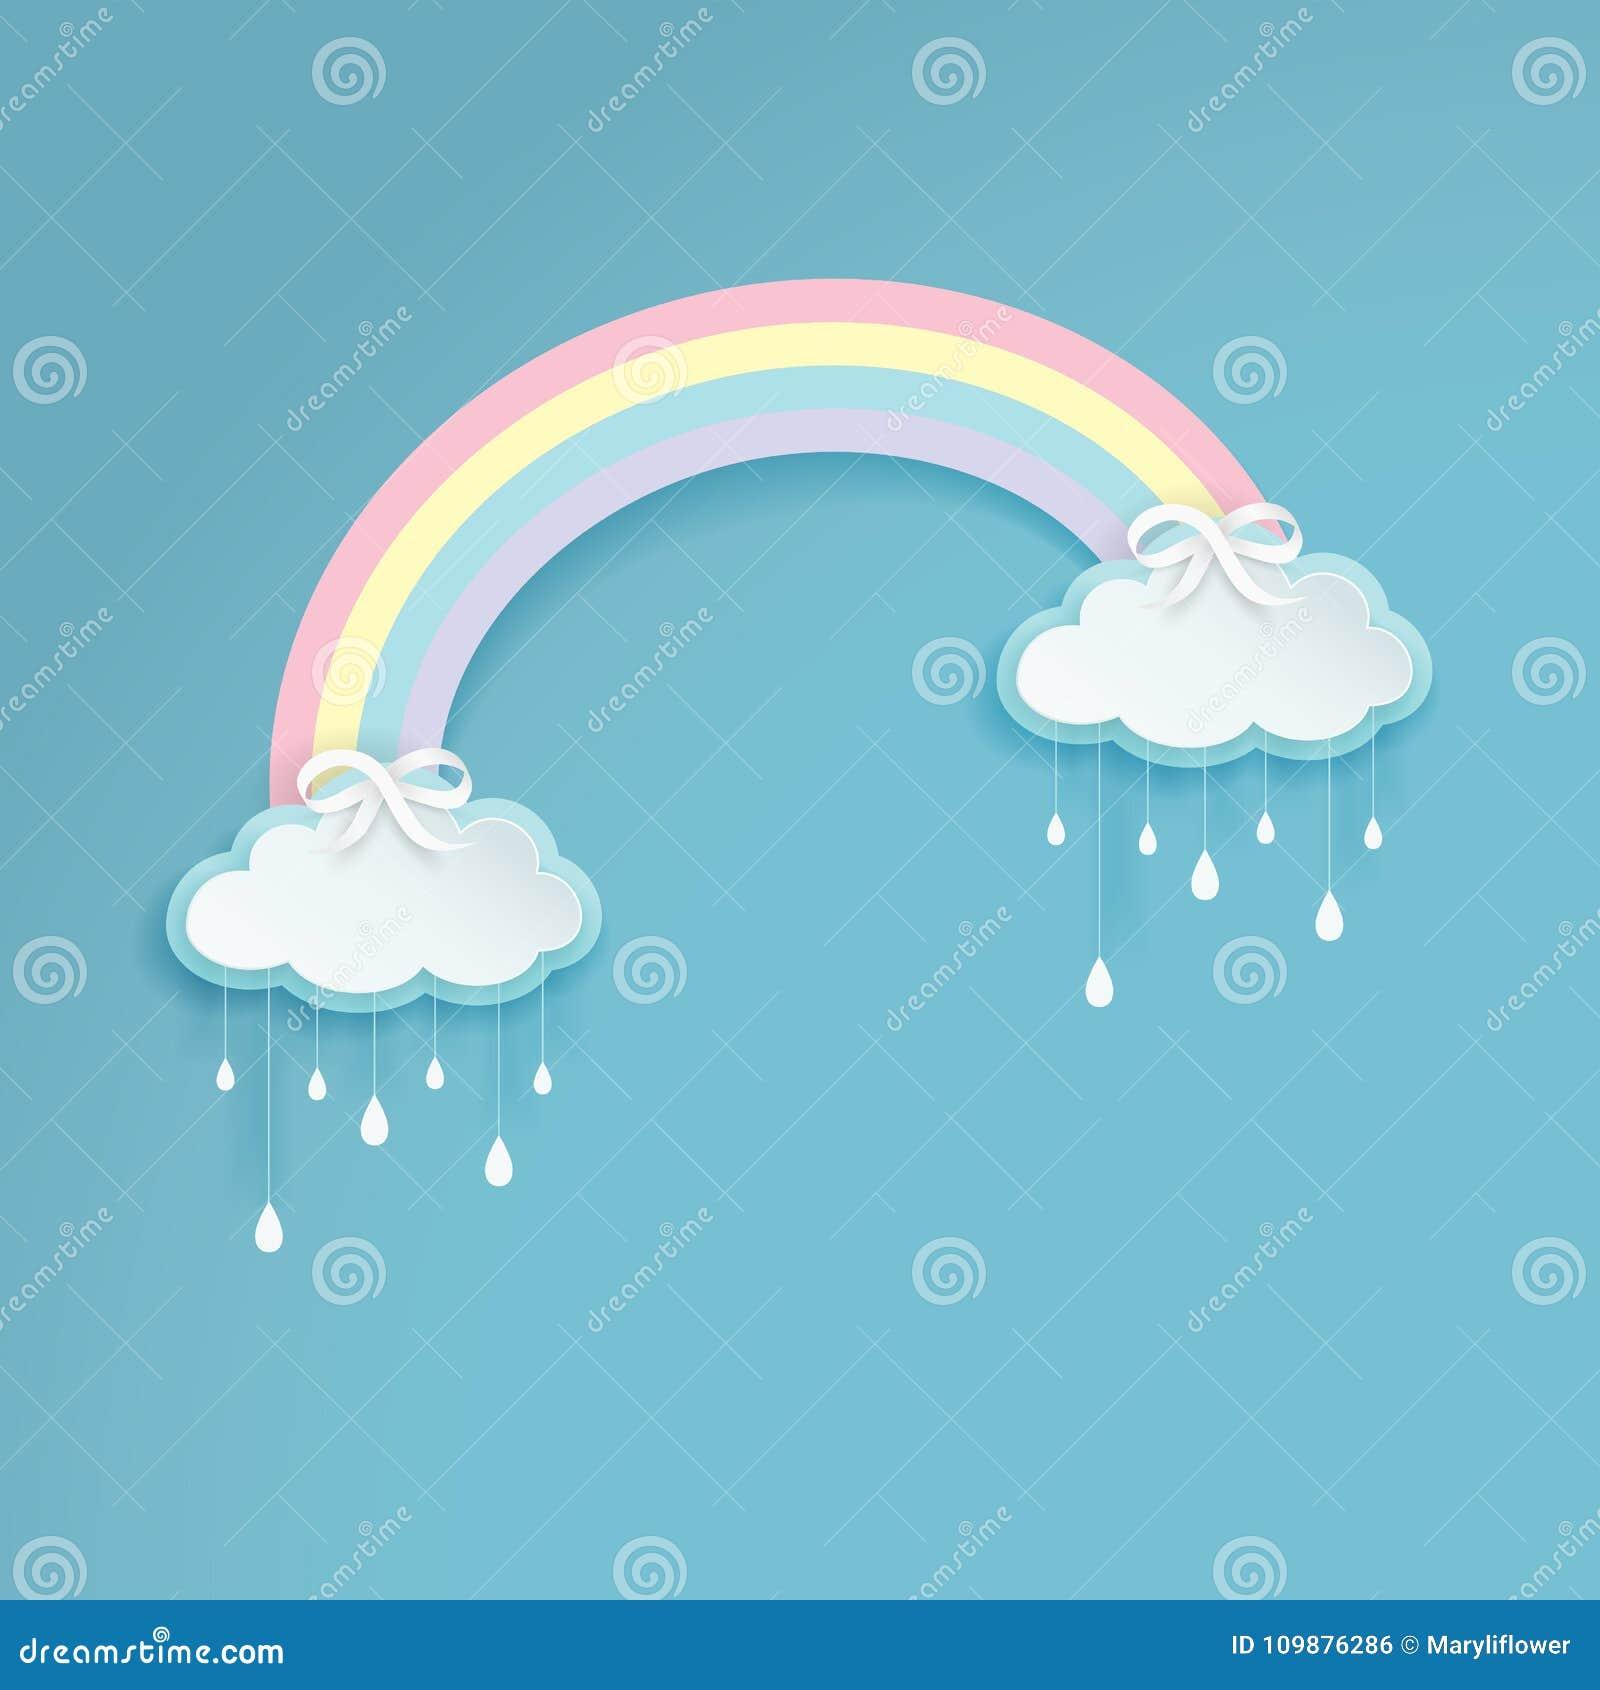 Pastelkleur gekleurde regenboog met beeldverhaal regenachtige wolken op de blauwe achtergrond Zilveren bogen met de etiketten van